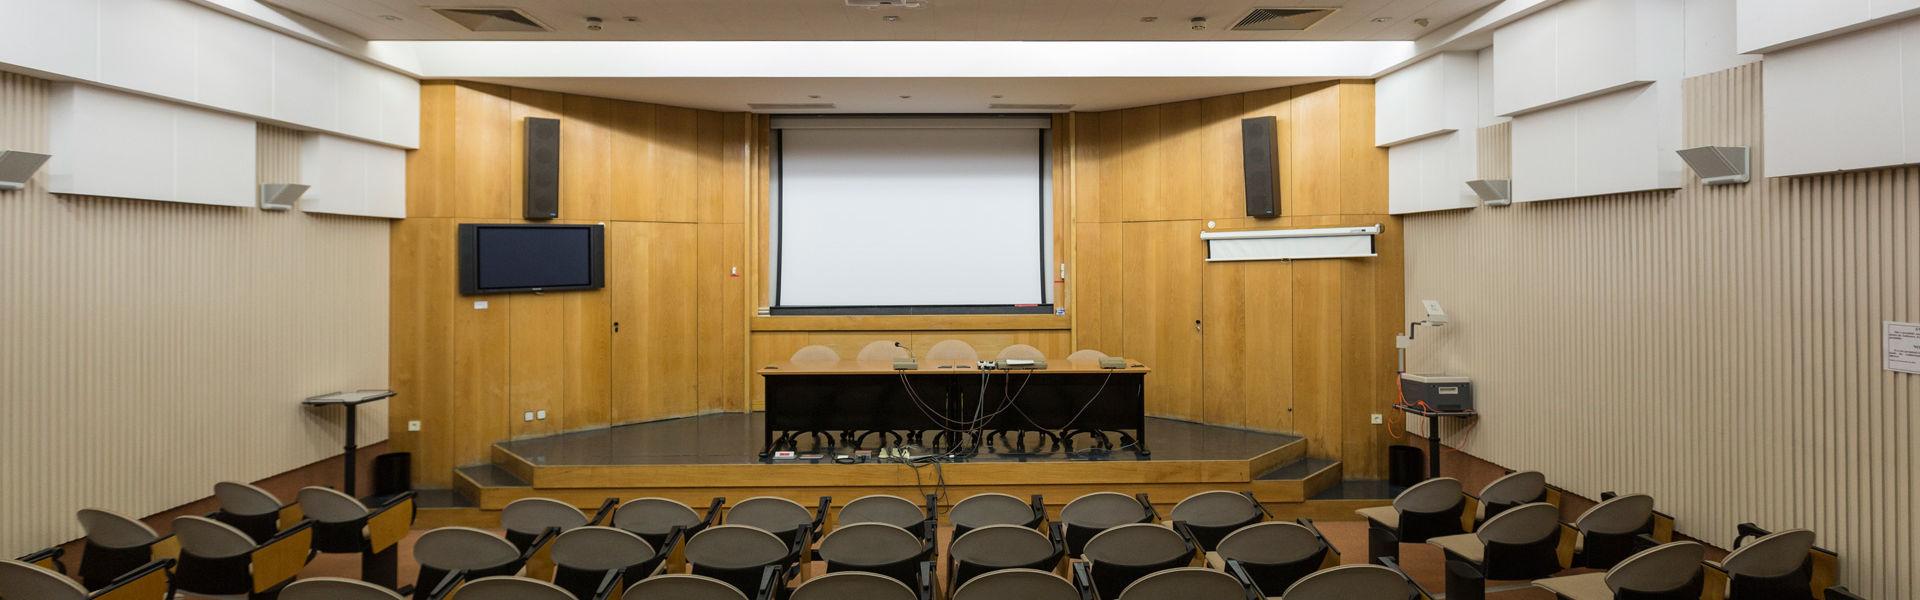 Auditório do Instituto para a Investigação Interdisciplinar